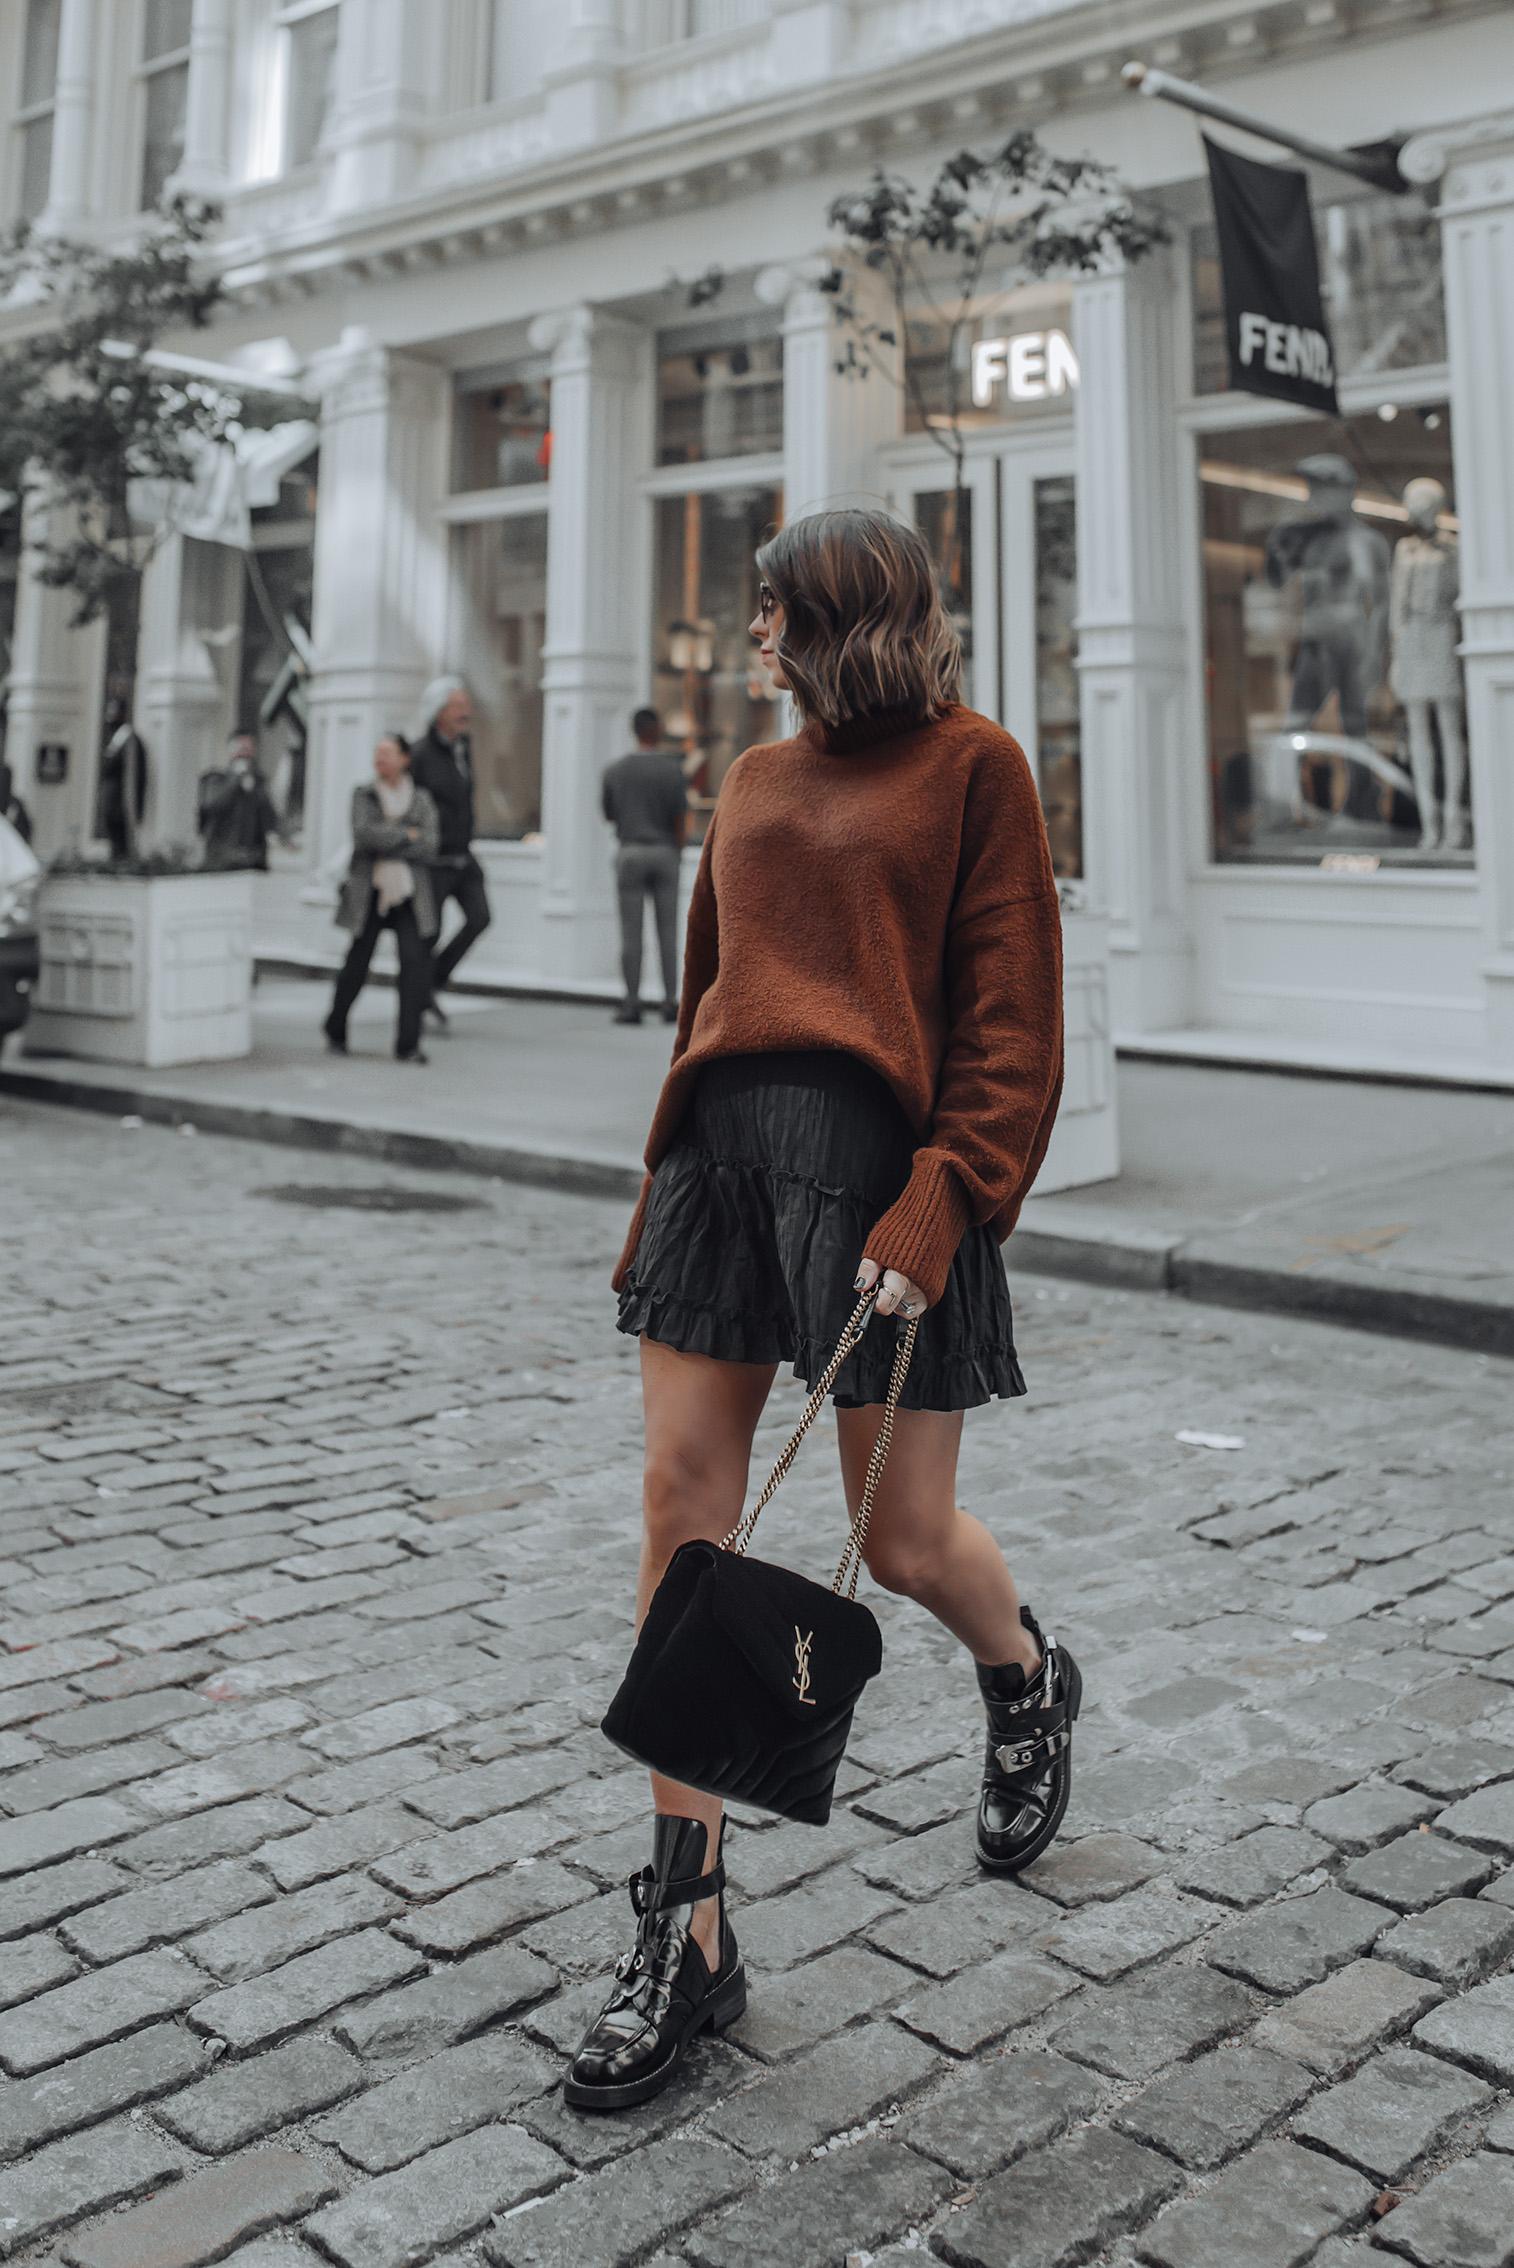 Oversized Sweater   Black Mini Skirt   YSL LouLou in Velvet   #streetstyle #ysl #nycblog #sohonyc #liketkit